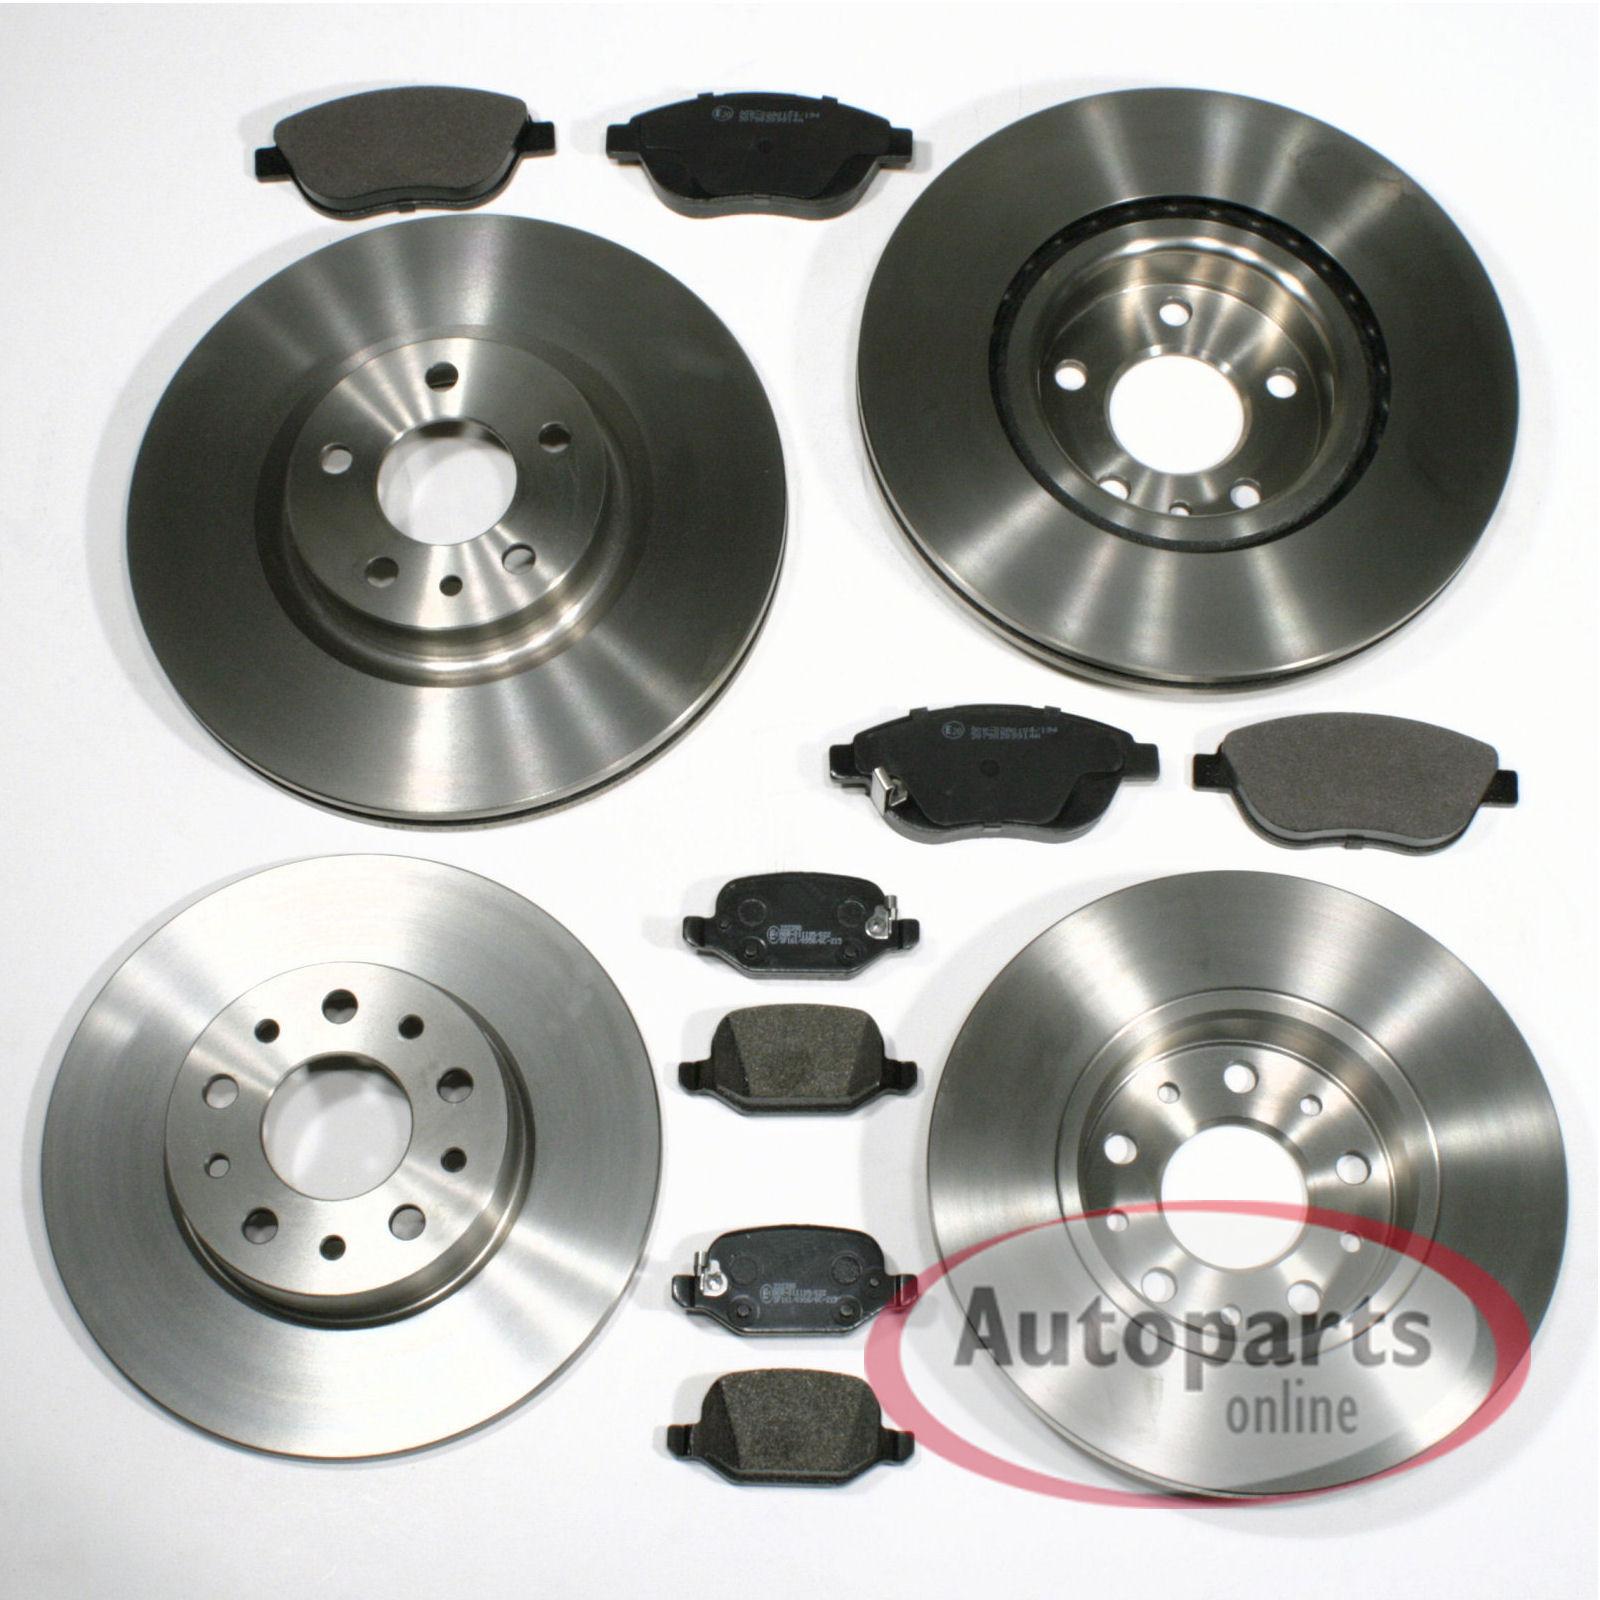 Bremsscheiben Bremsen Bremsbeläge Klötze für hinten Hinterachse Opel Astra J